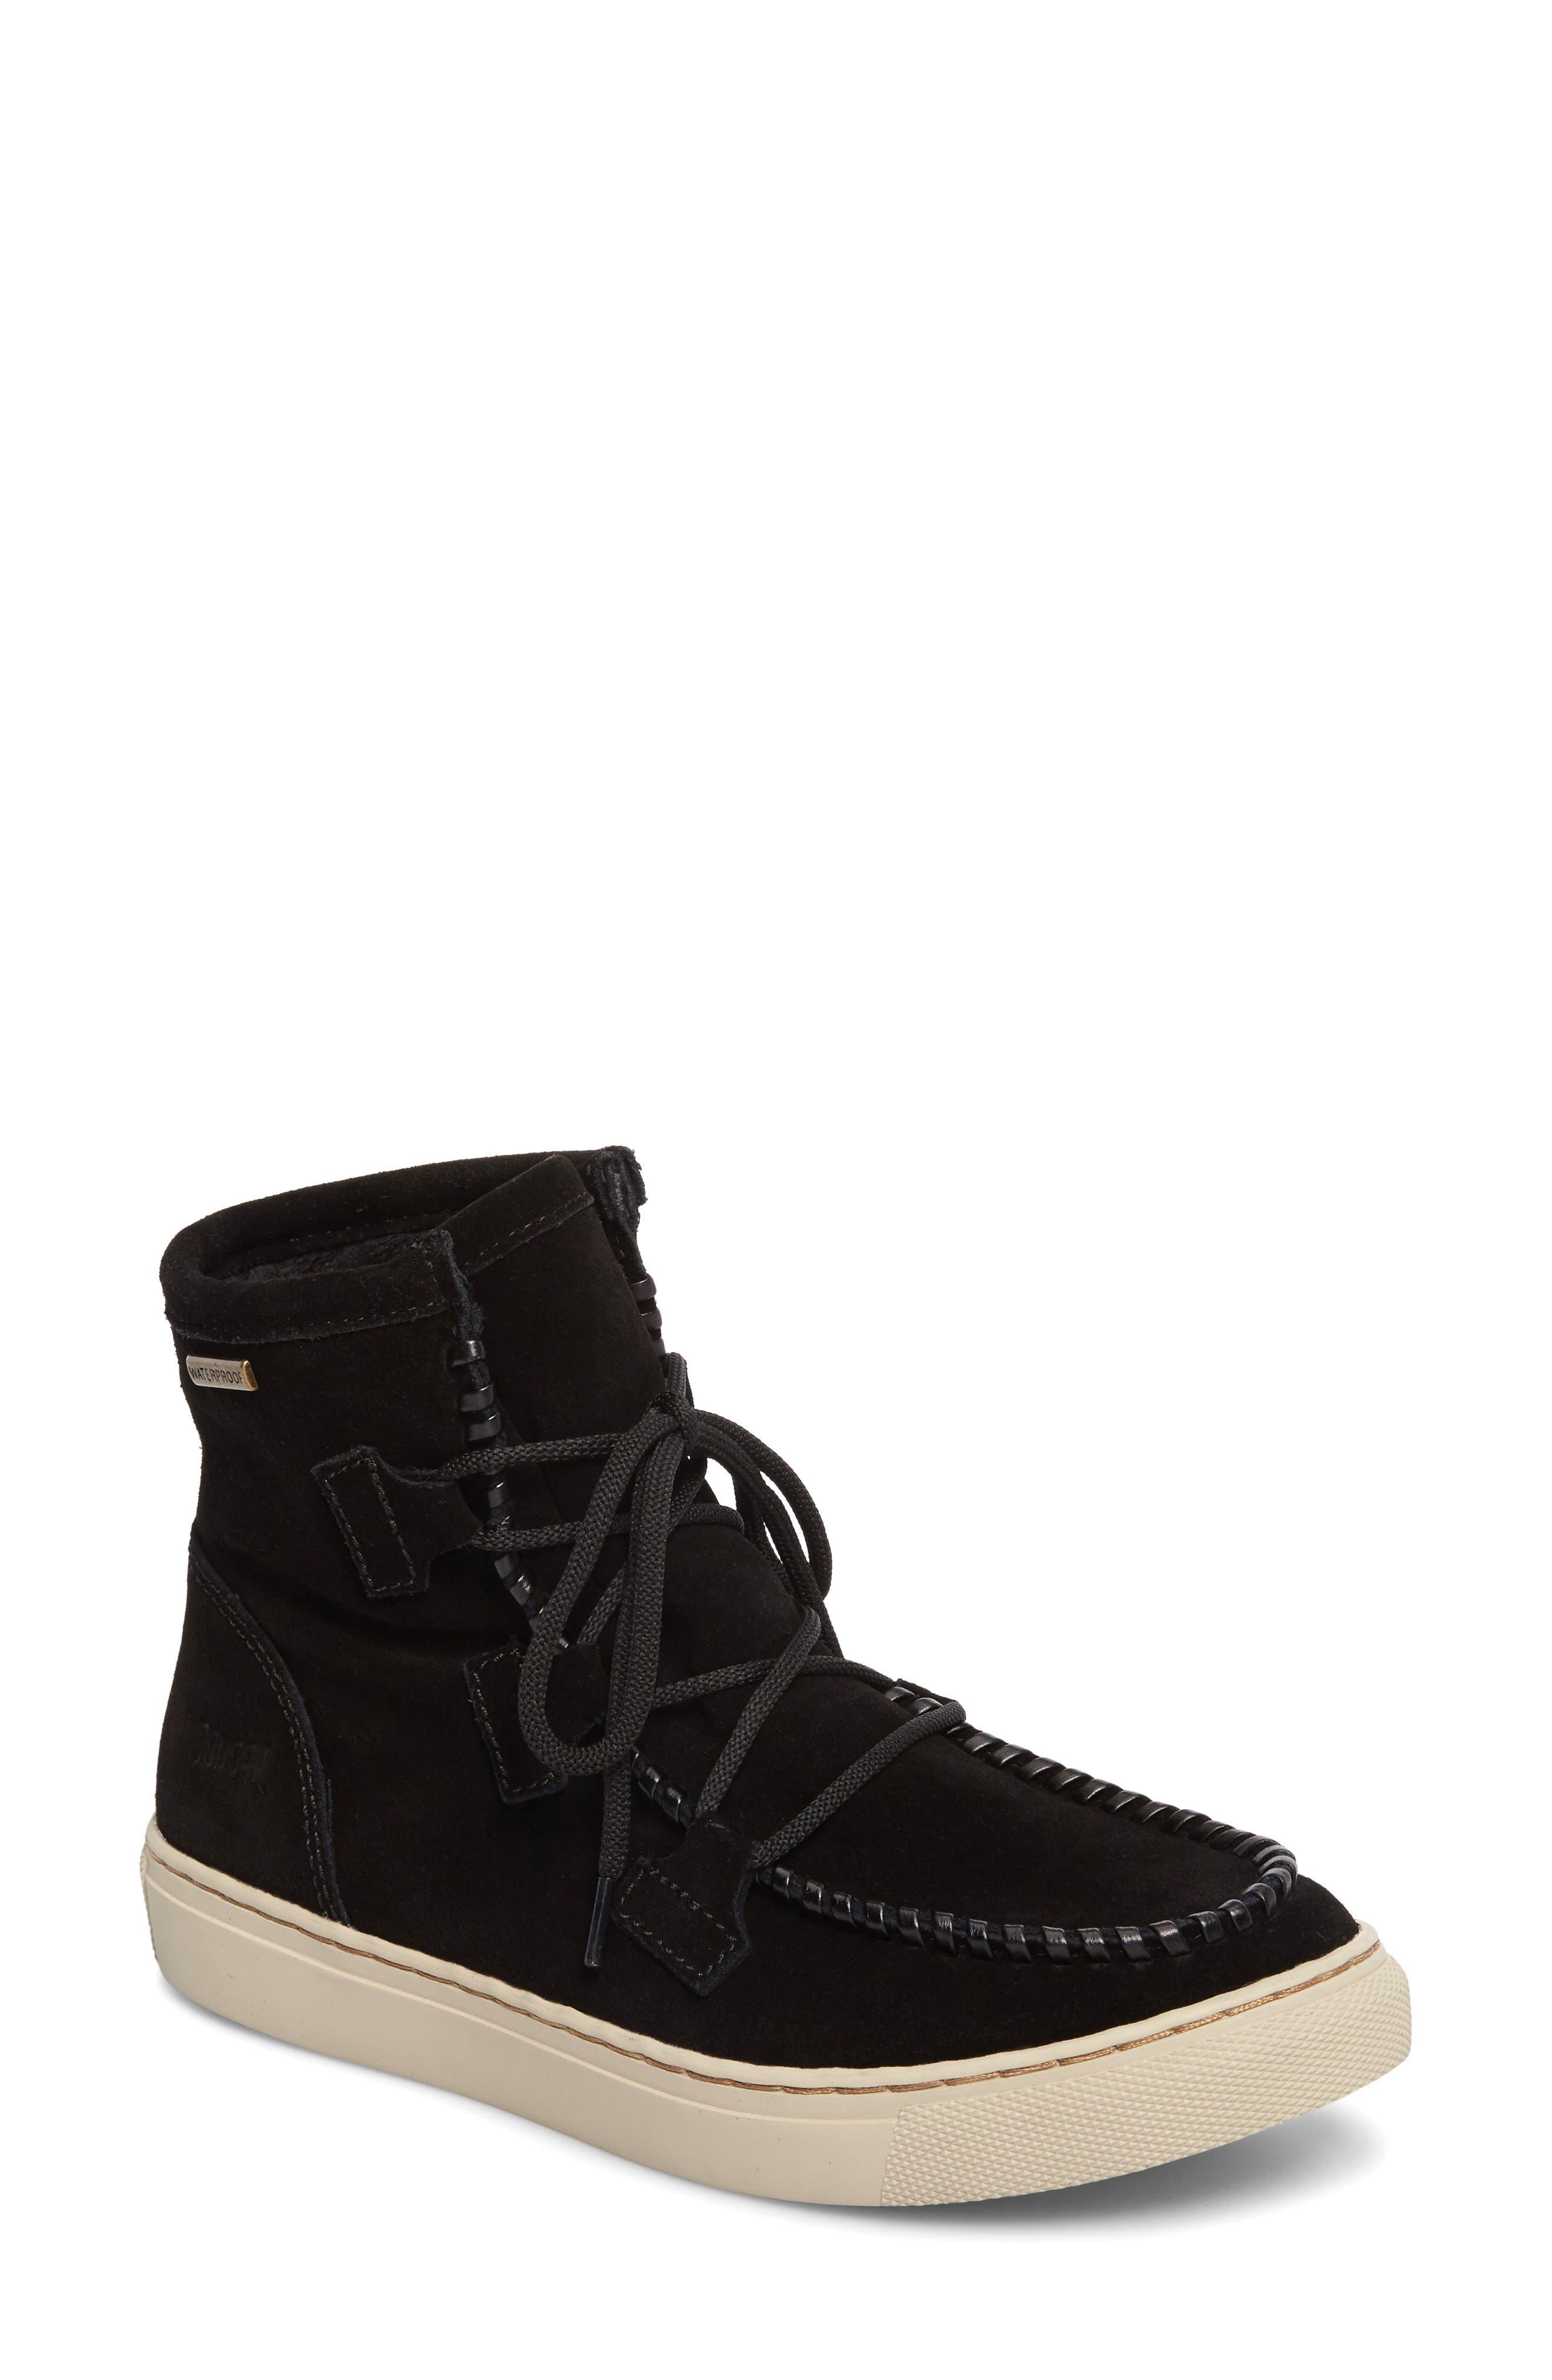 Fabiola Waterproof High Top Sneaker,                         Main,                         color, BLACK SUEDE